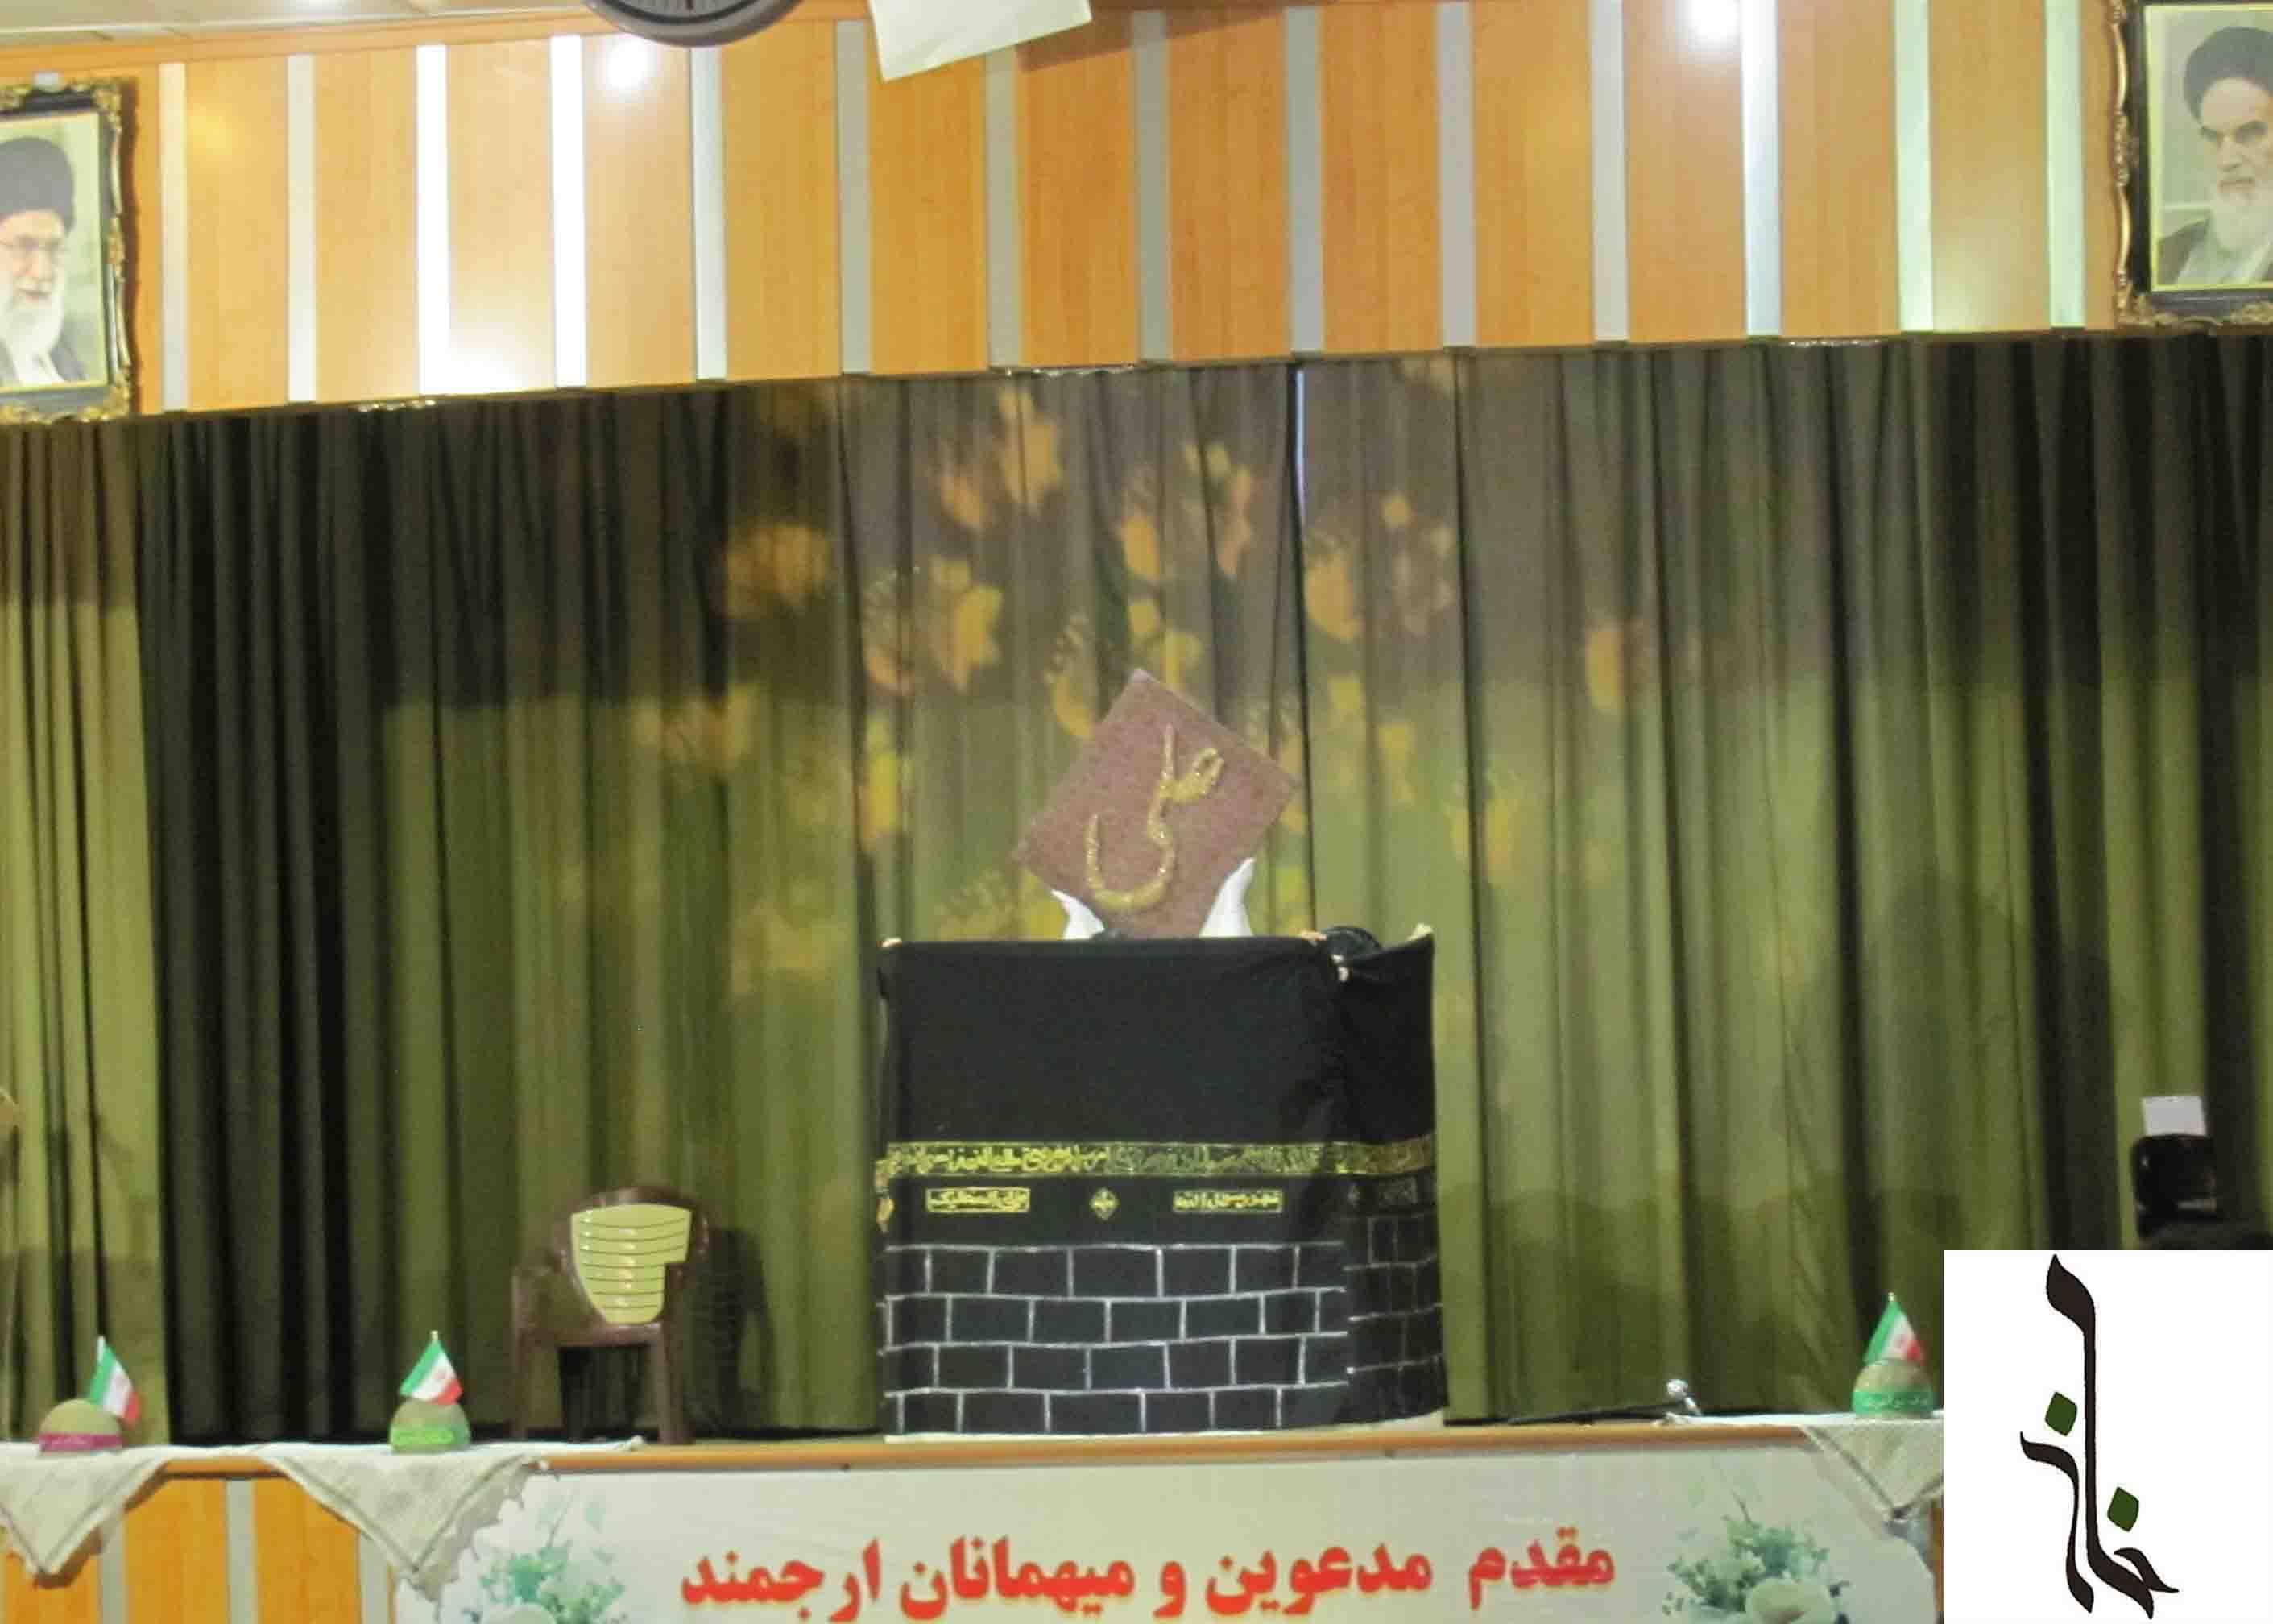 نمایش جوانه رستگاری-یادواره شهدای بسیج مسجد امام حسین (ع)